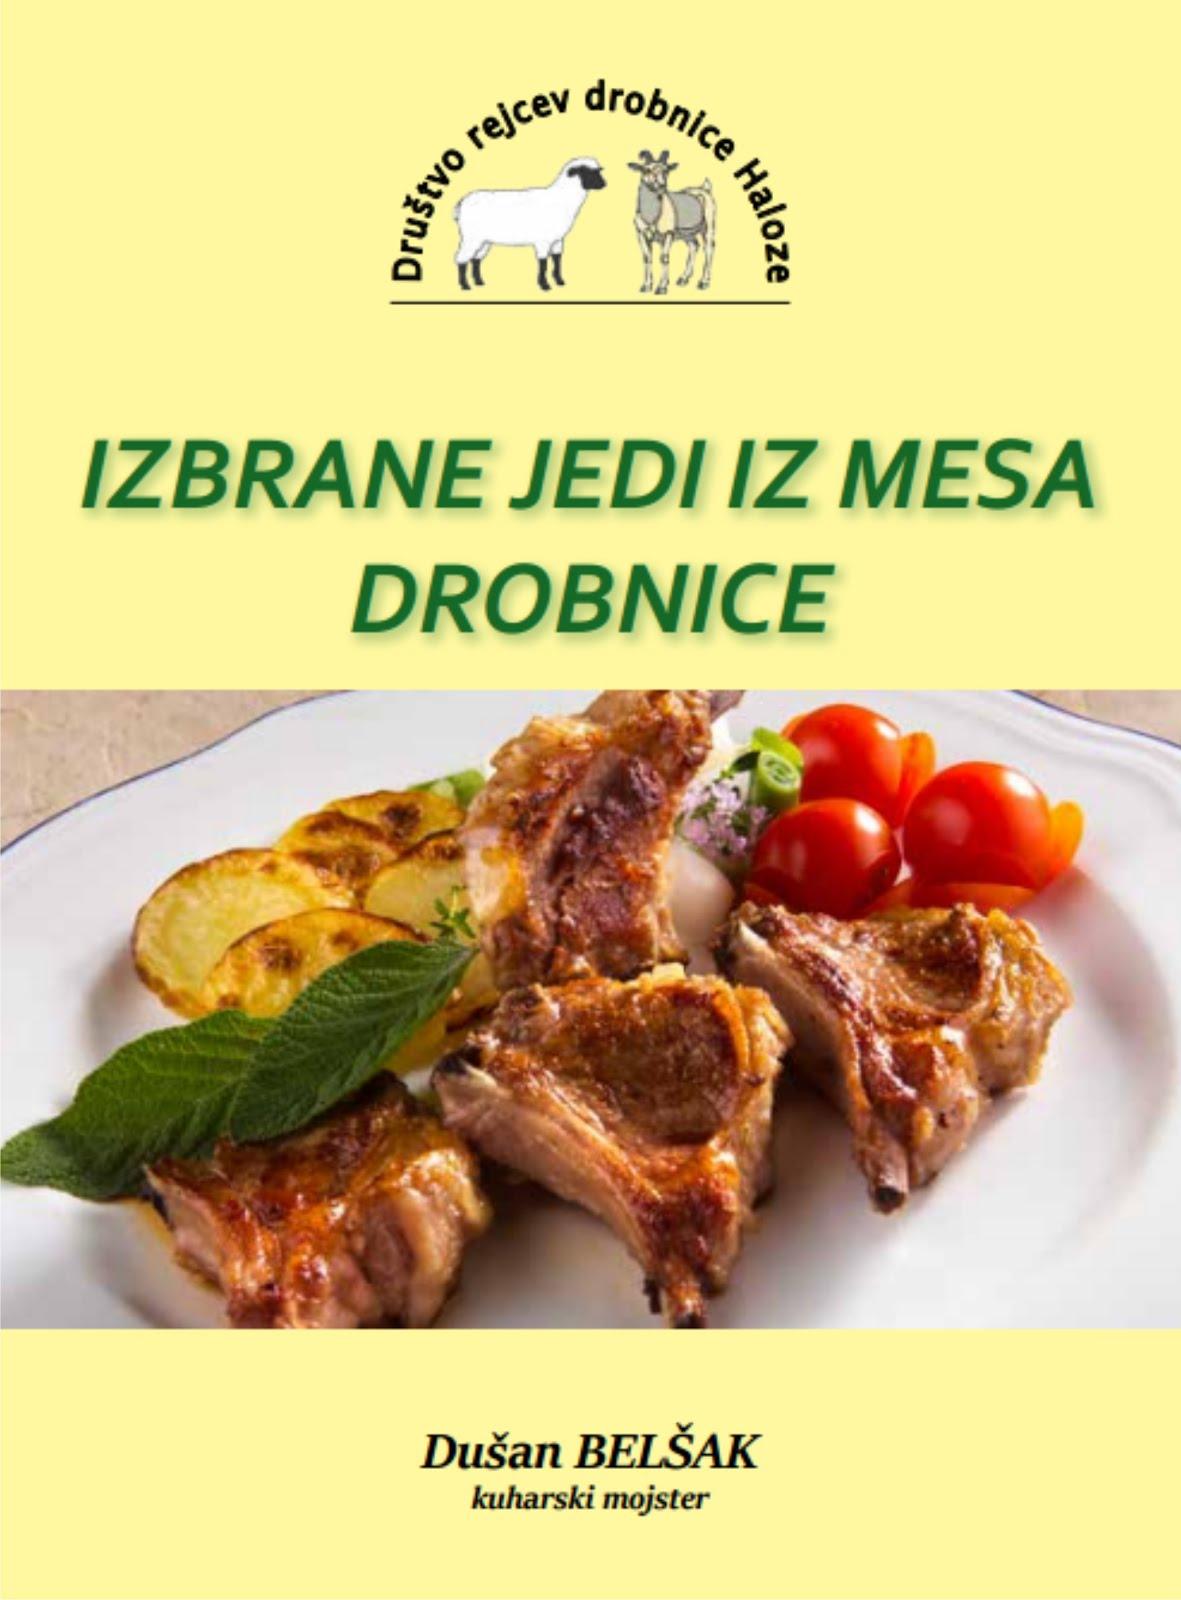 Izbrane jedi iz mesa drobnice